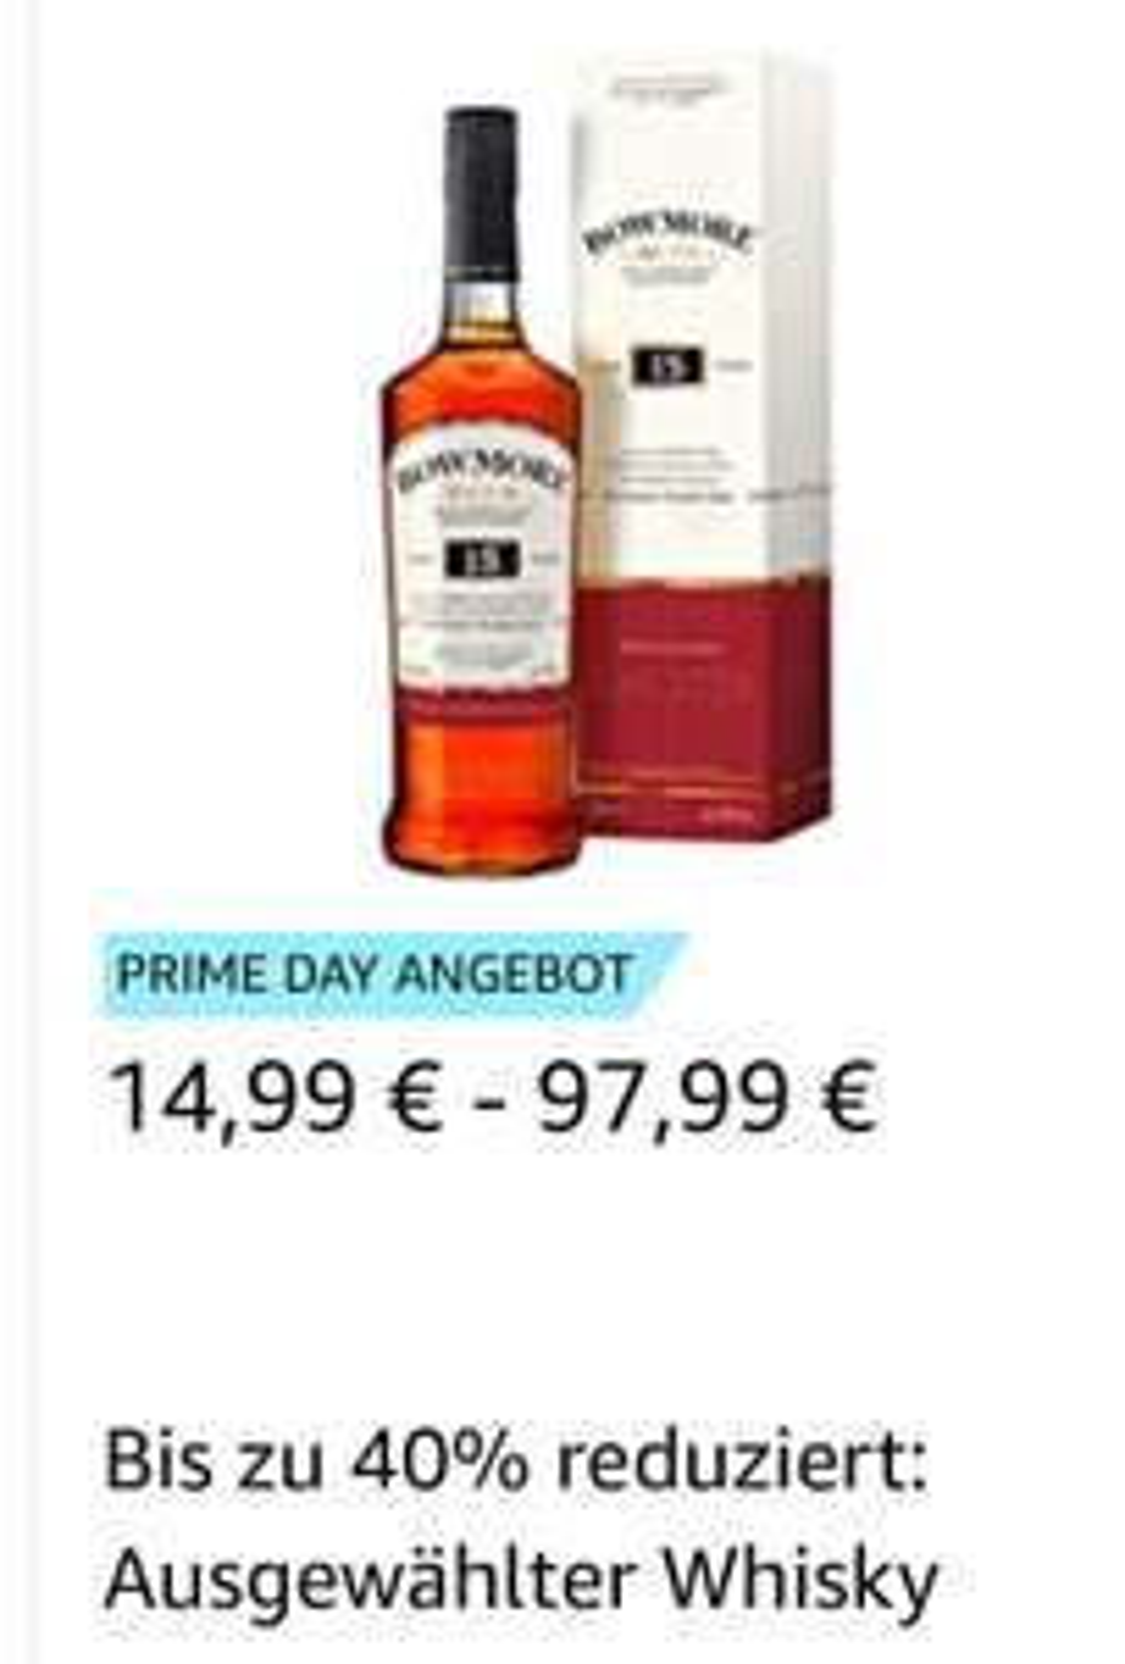 [amazon prime day] Sammeldeal: Ausgewählter Whisky/Whiskey bis zu 40% reduziert, z. B. Knob Creek Boubon für 21,99€ und Nikka from the Barrel für 27,49€